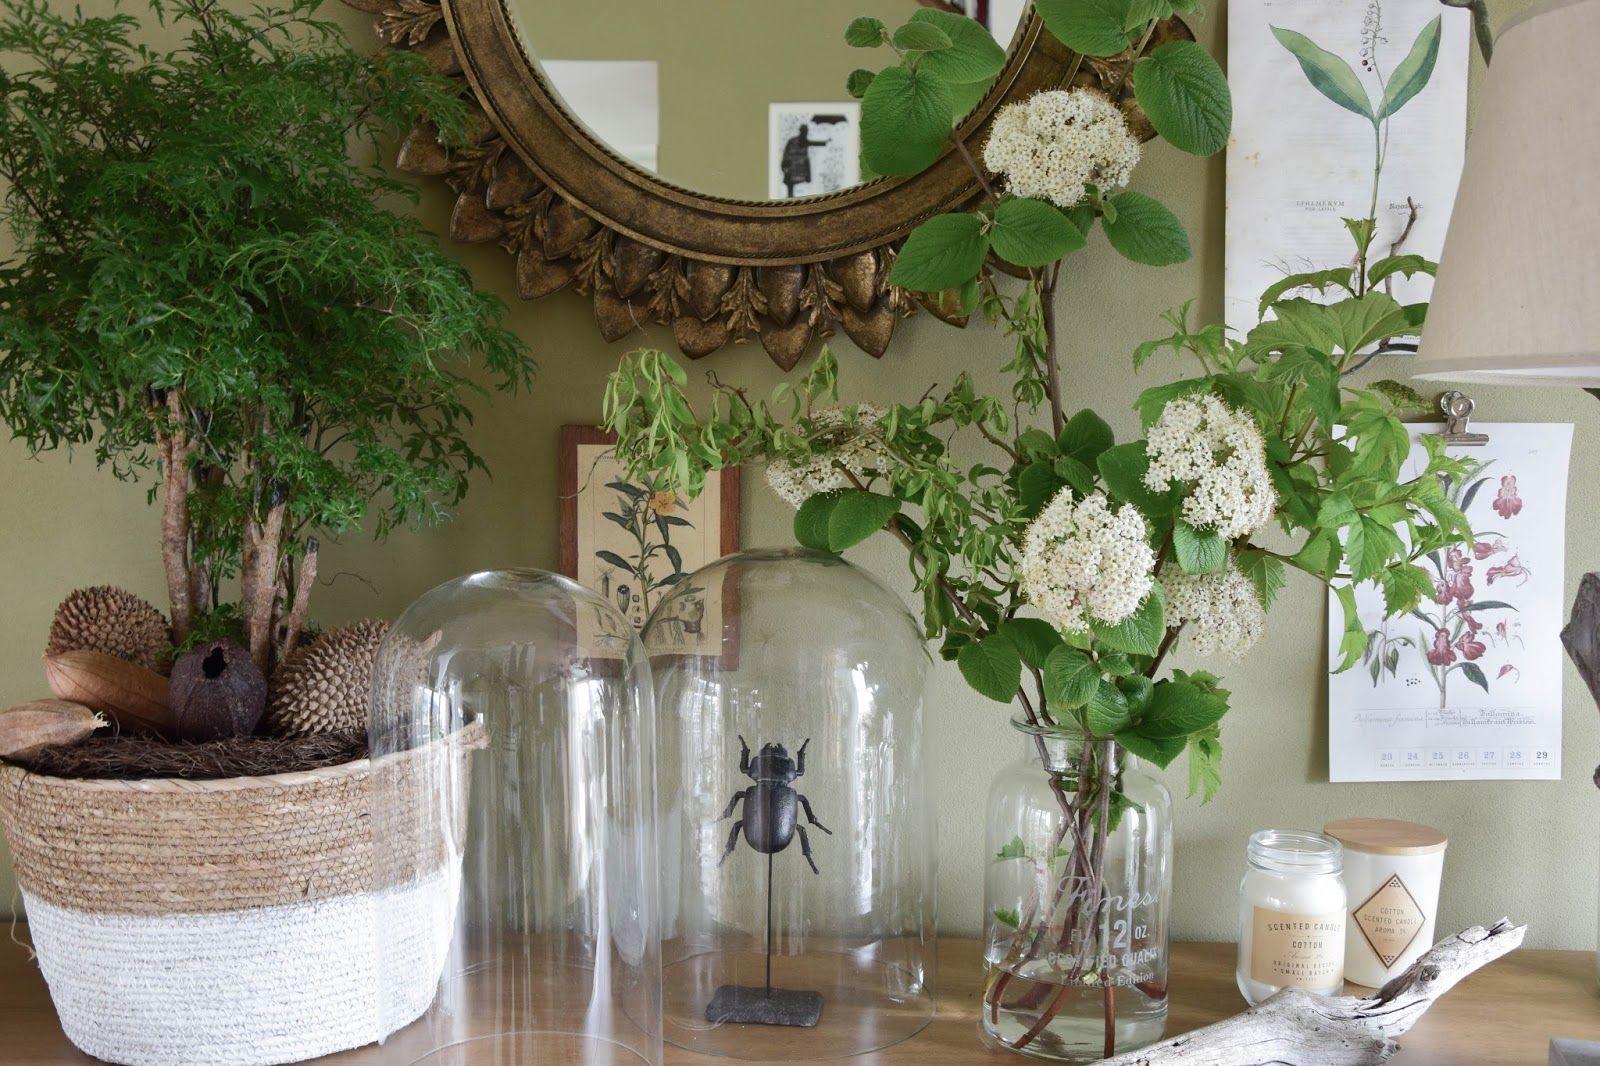 Full Size of Ready For Summer Botanische Sideboard Deko Dekoration Wohnzimmer Badezimmer Für Küche Mit Arbeitsplatte Wanddeko Schlafzimmer Wohnzimmer Deko Sideboard